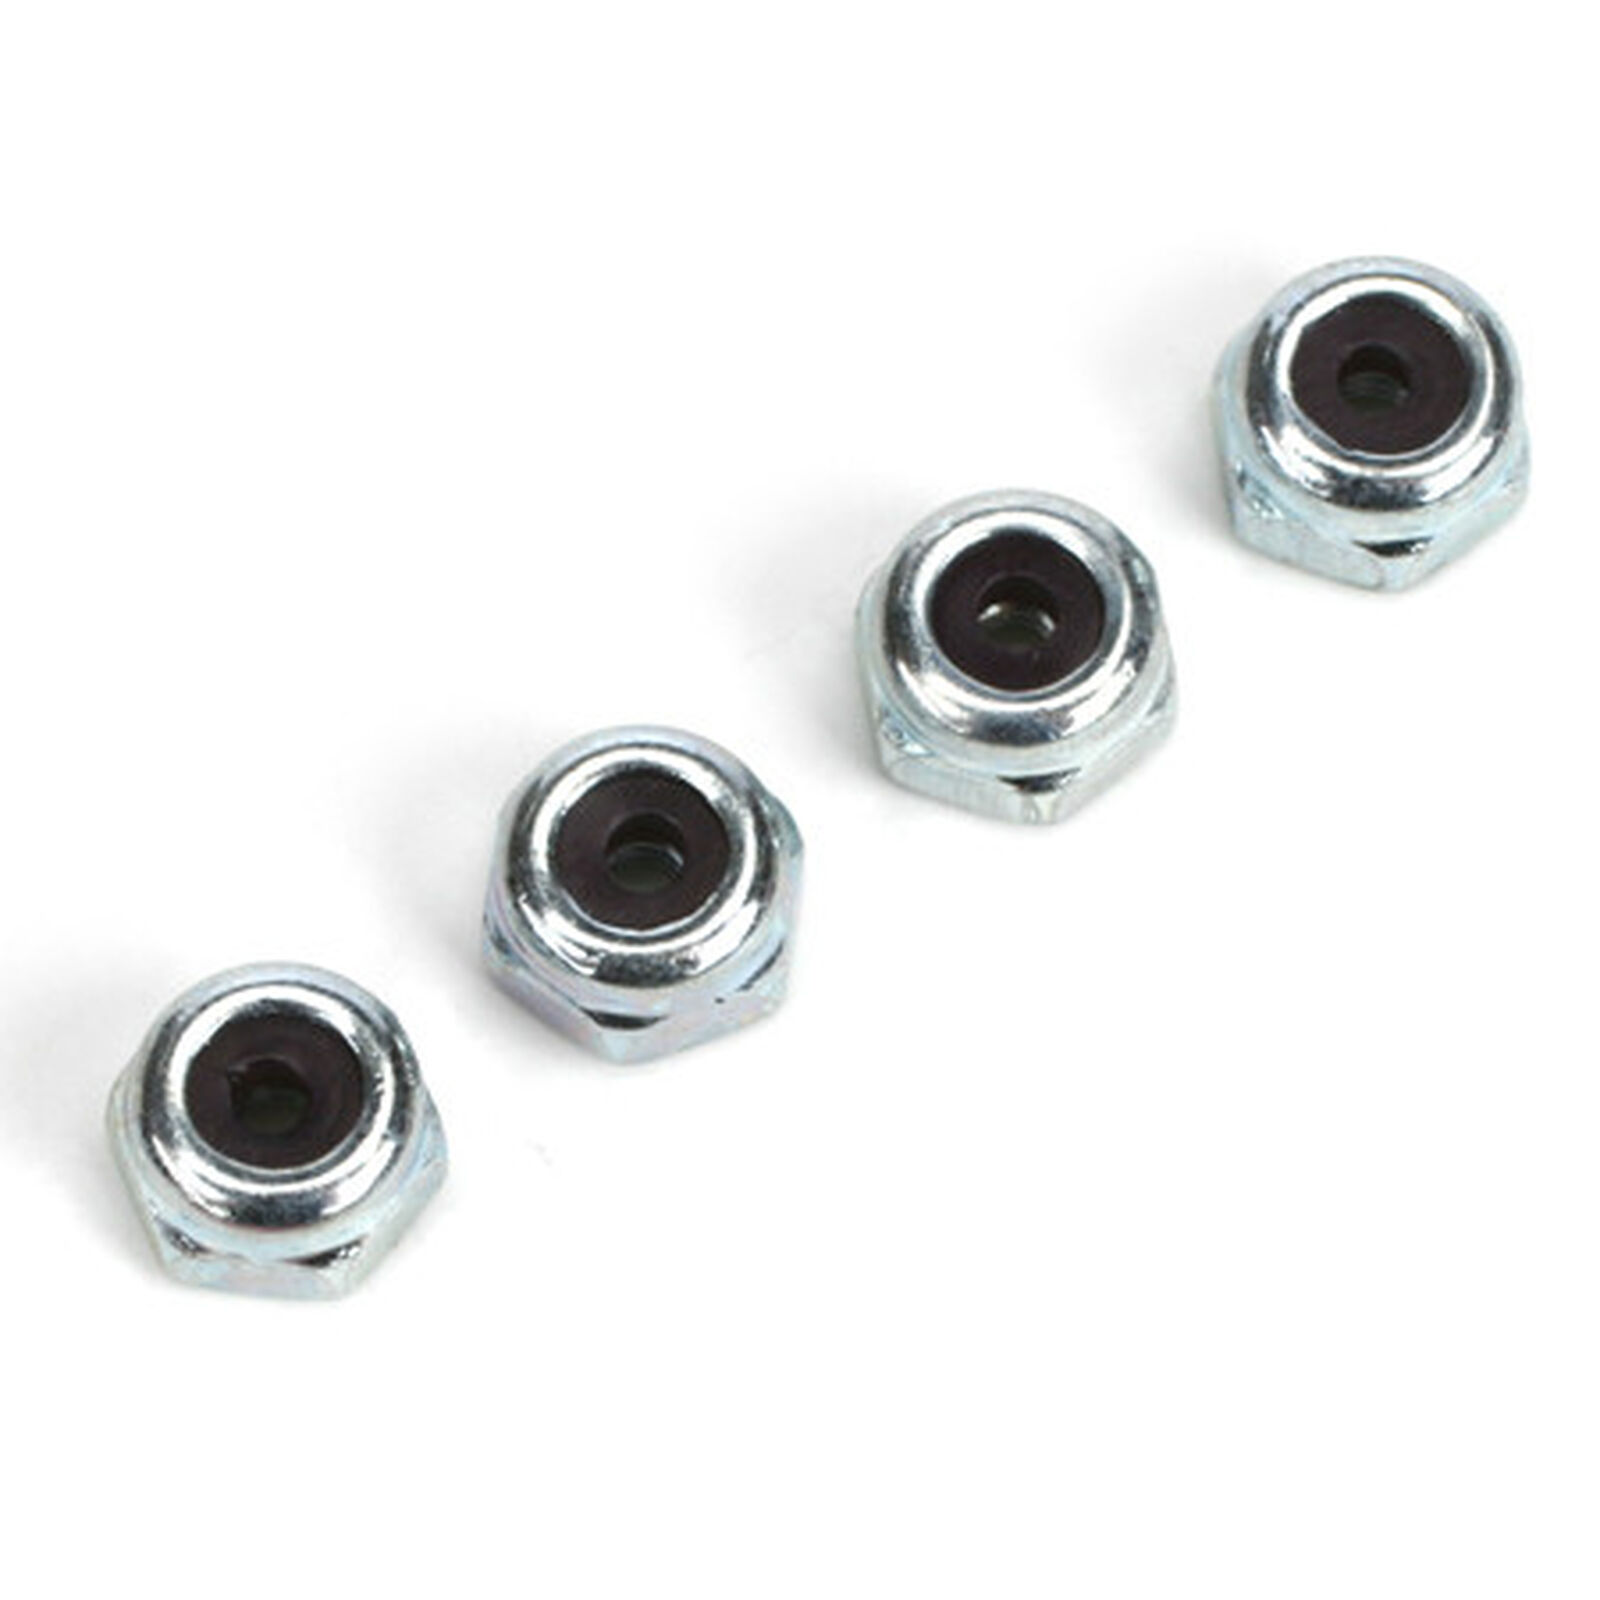 Lock Nuts, 2-56